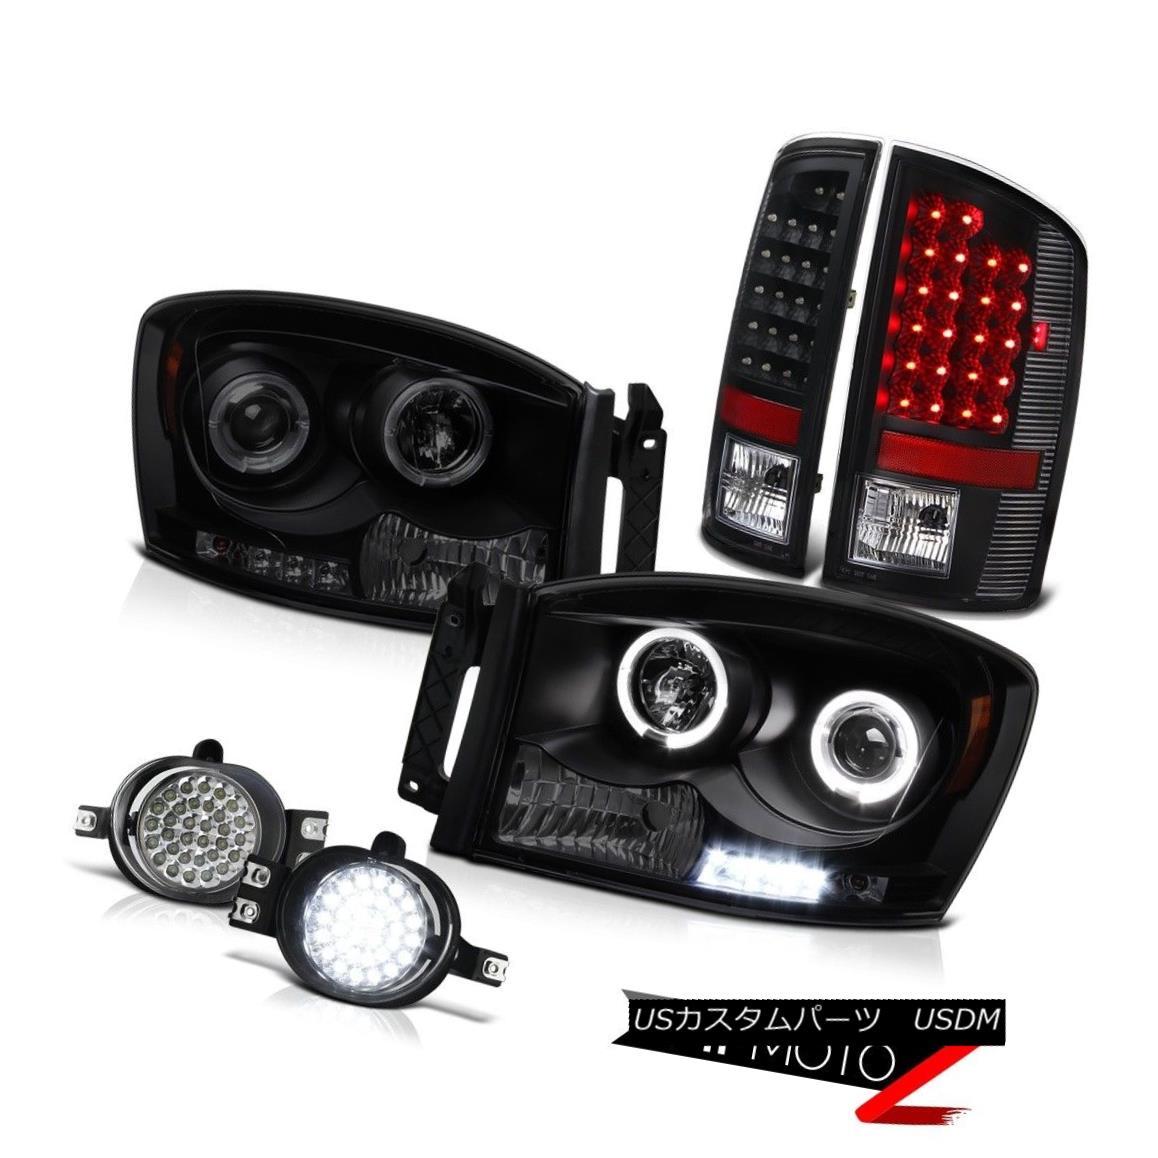 テールライト Black Smoke Angel Eye Headlight LED Tail Lamp Bumper Foglight Ram 5.9L SLT 07 08 ブラックスモークエンジェルアイヘッドライトLEDテールランプバンパーFoglight Ram 5.9L SLT 07 08